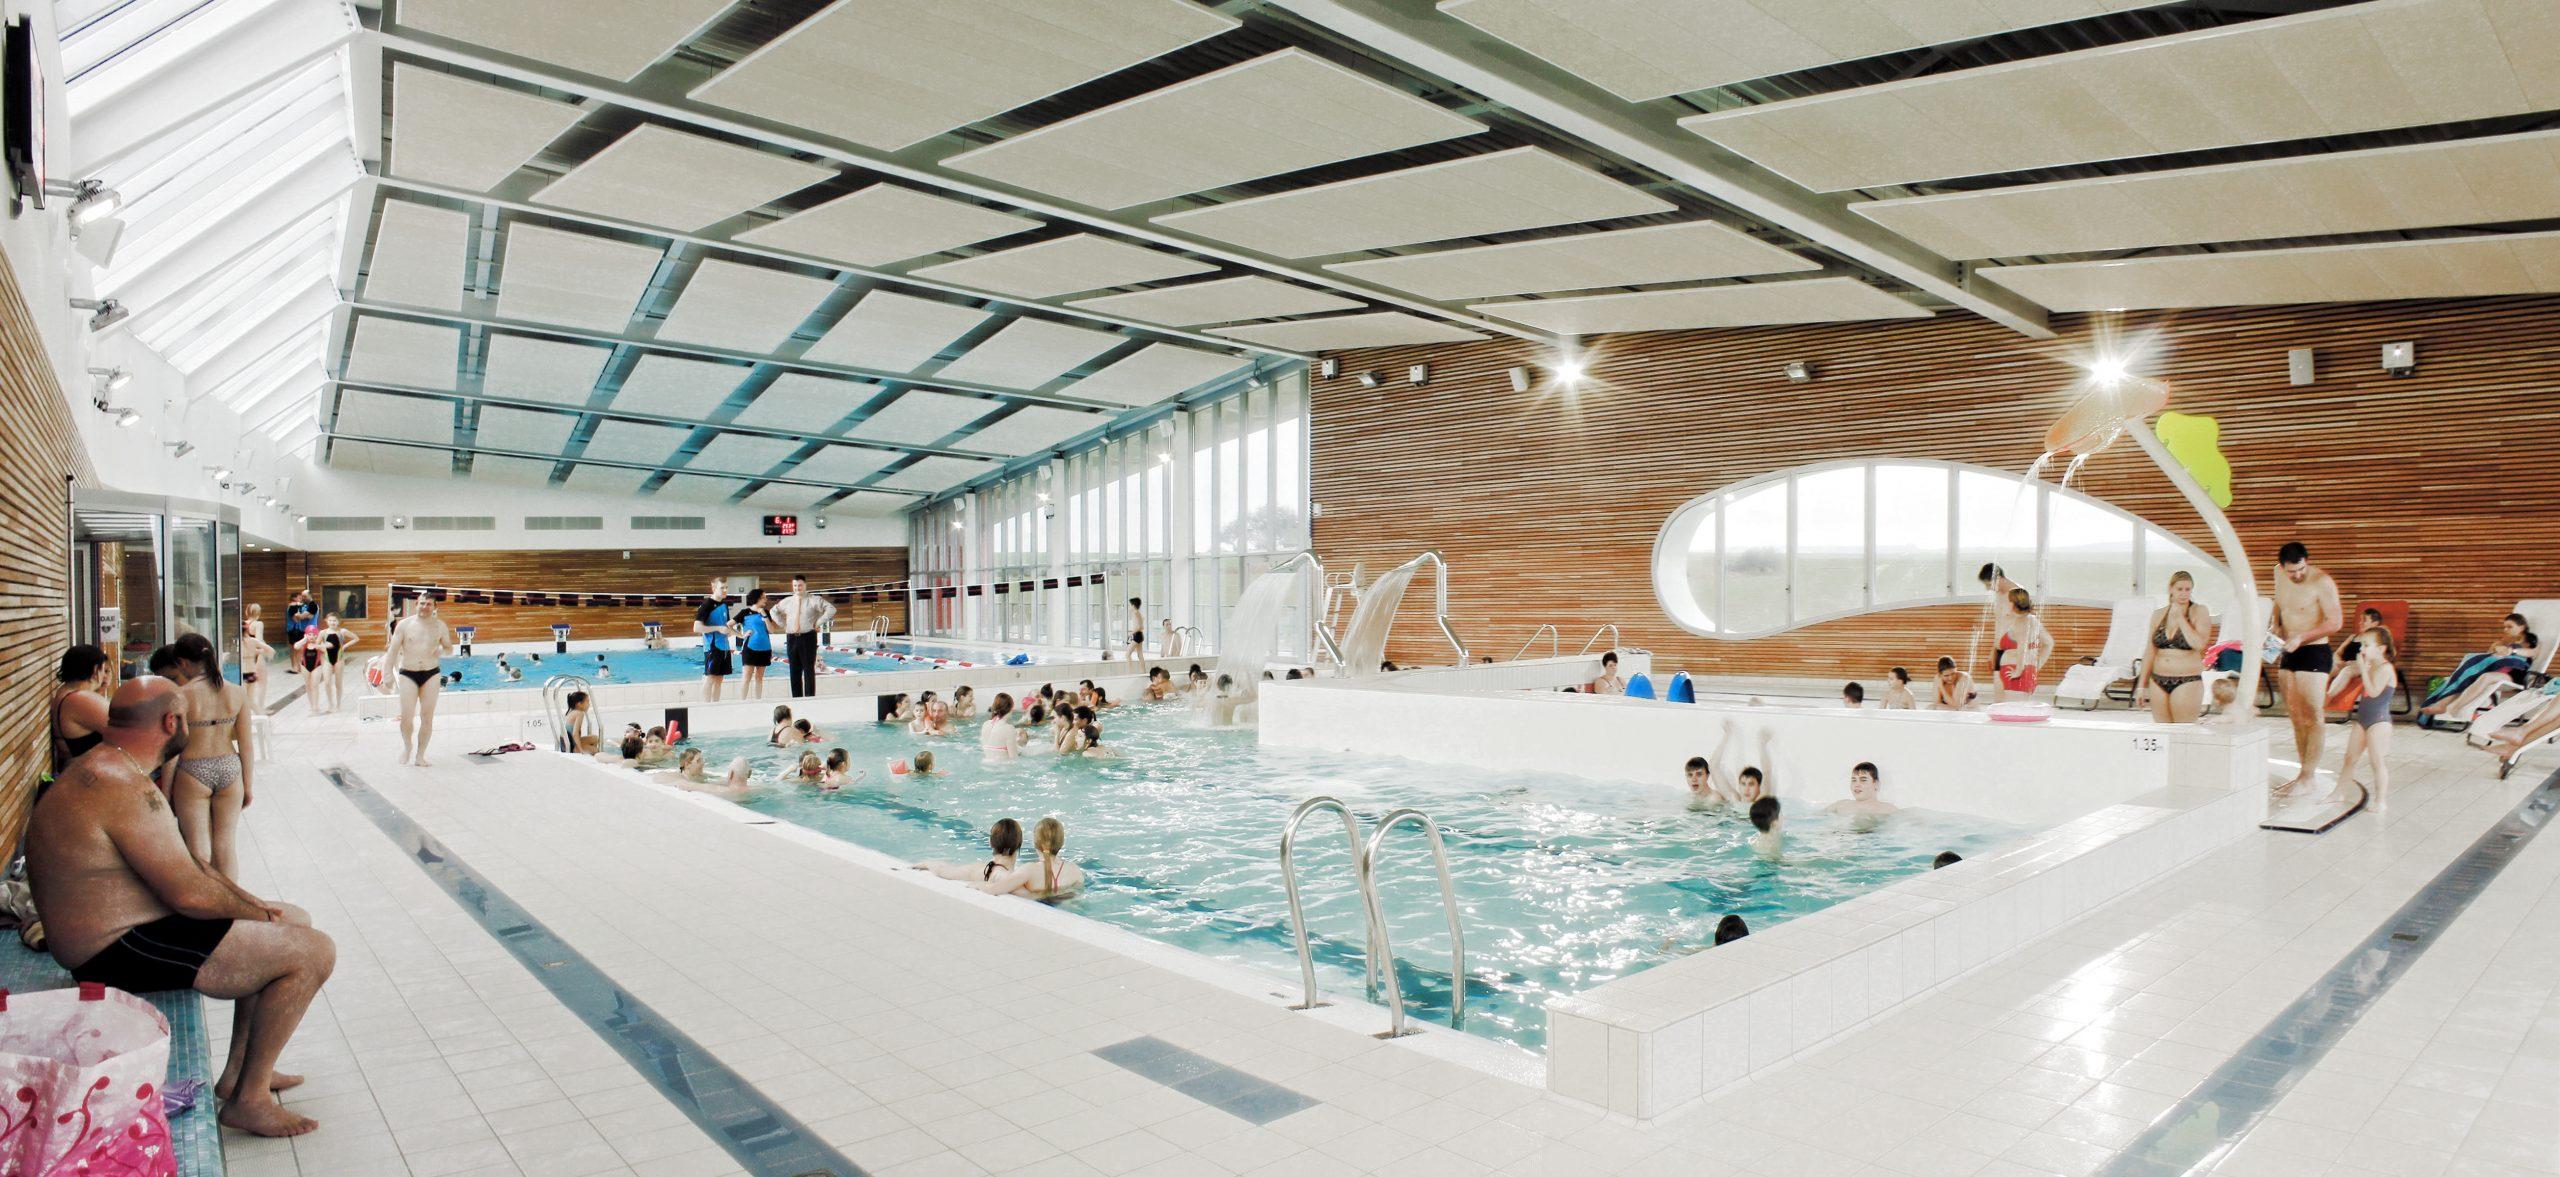 Le Centre Aquatique De Rohrbach | Communauté De Communes Du ... encequiconcerne Piscine Lingolsheim Horaires